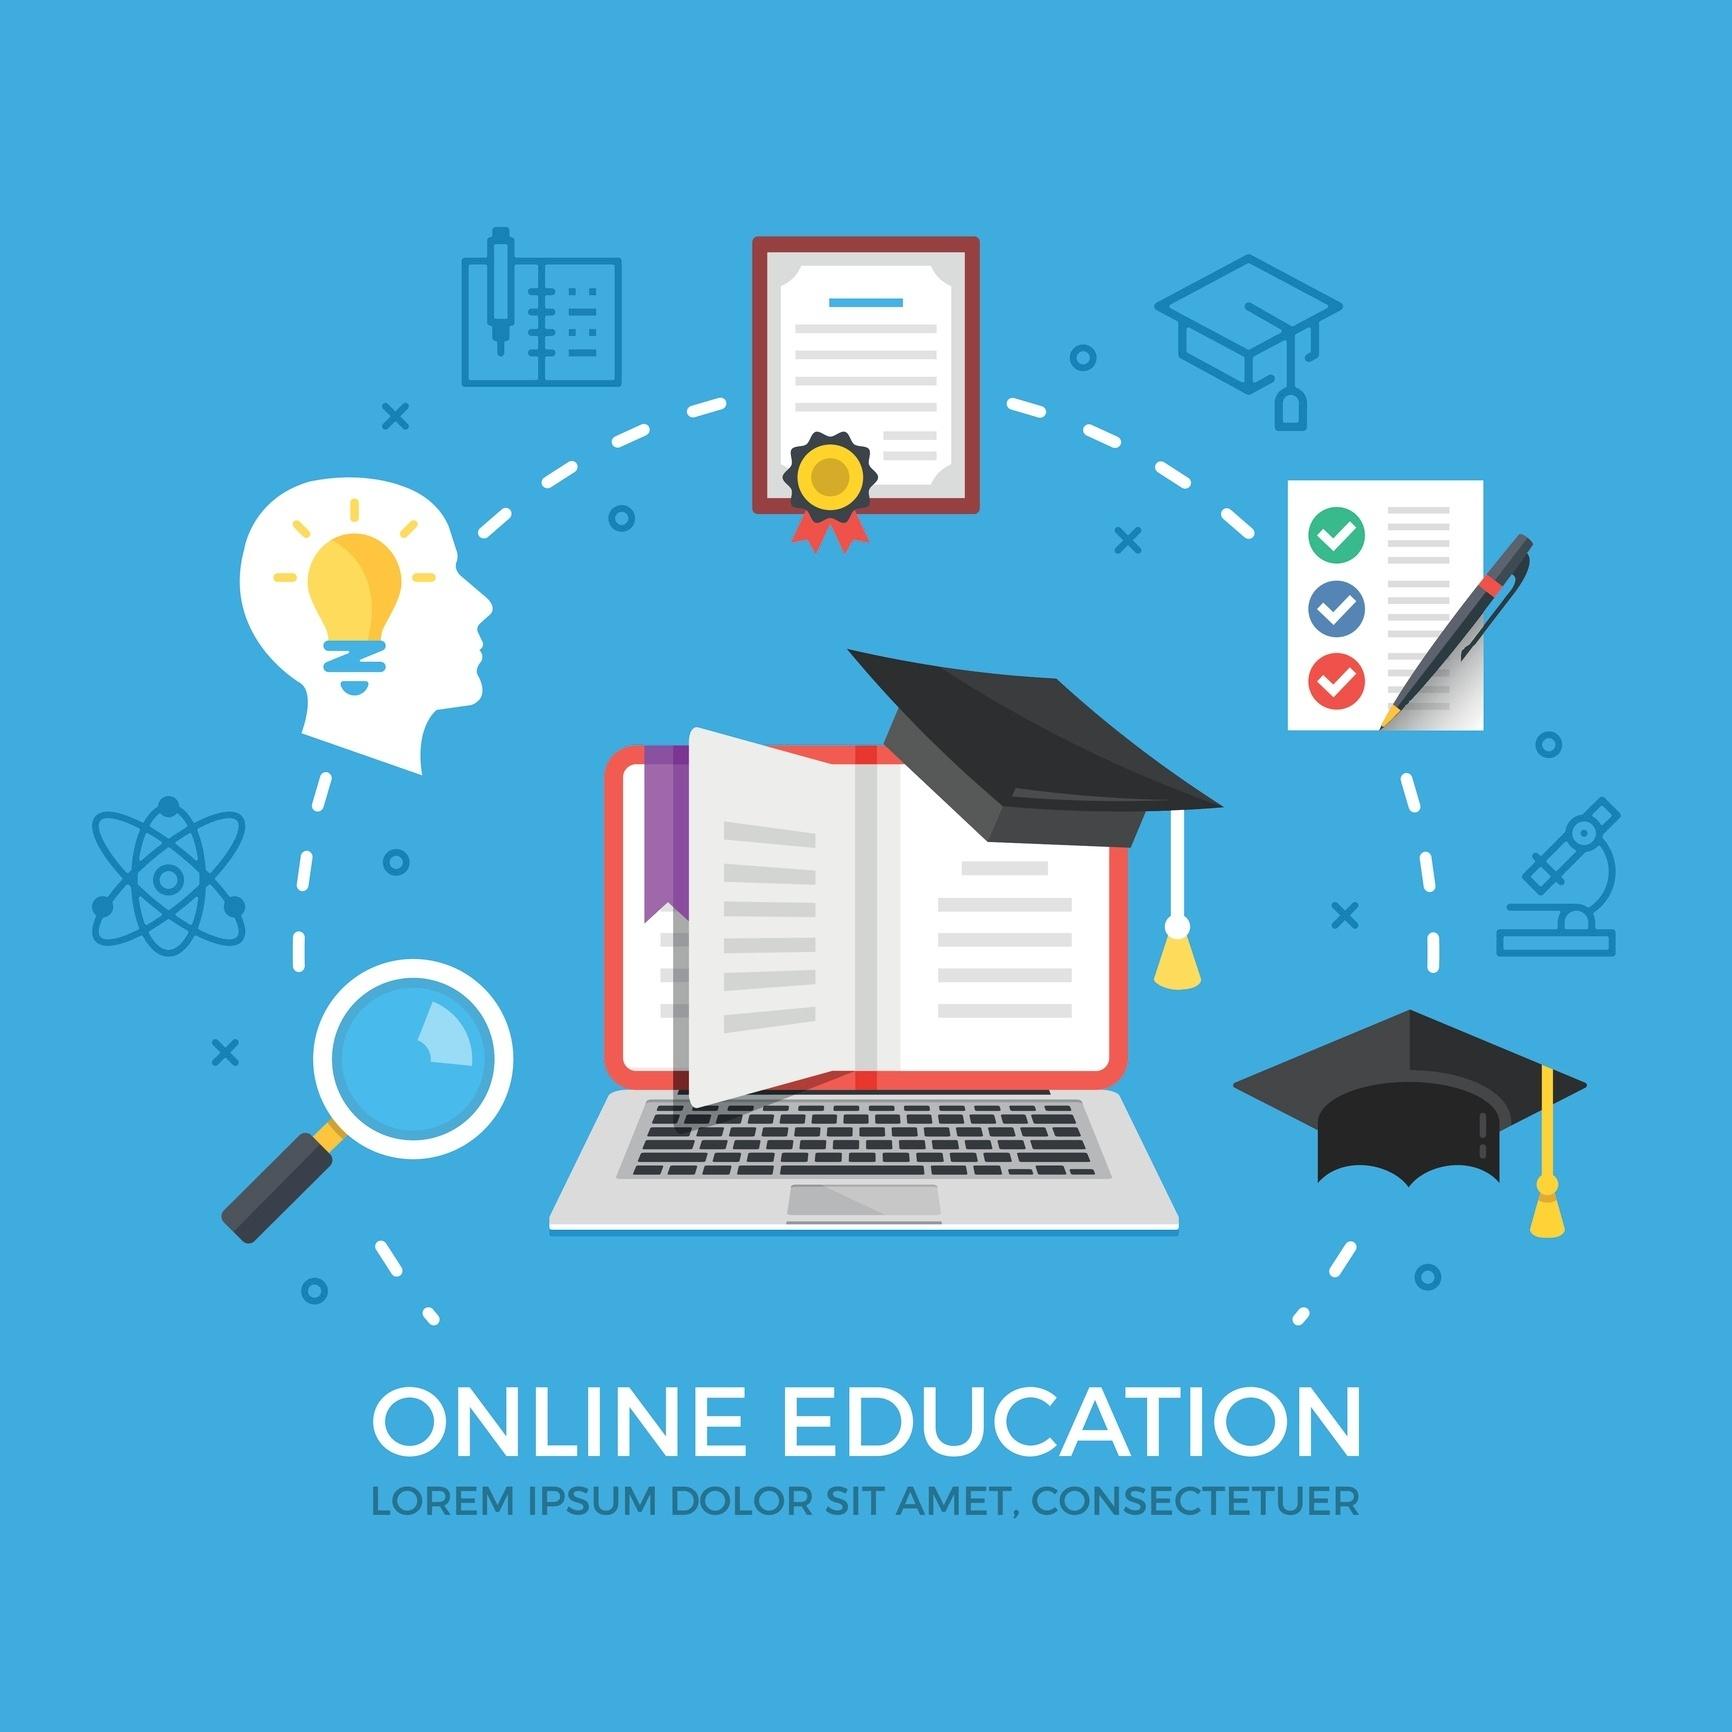 Vai prestar concurso  Pesquisa mostra como e quanto estudar para mandar bem  - 28 07 2018 - UOL Economia 7ea3fd5b66